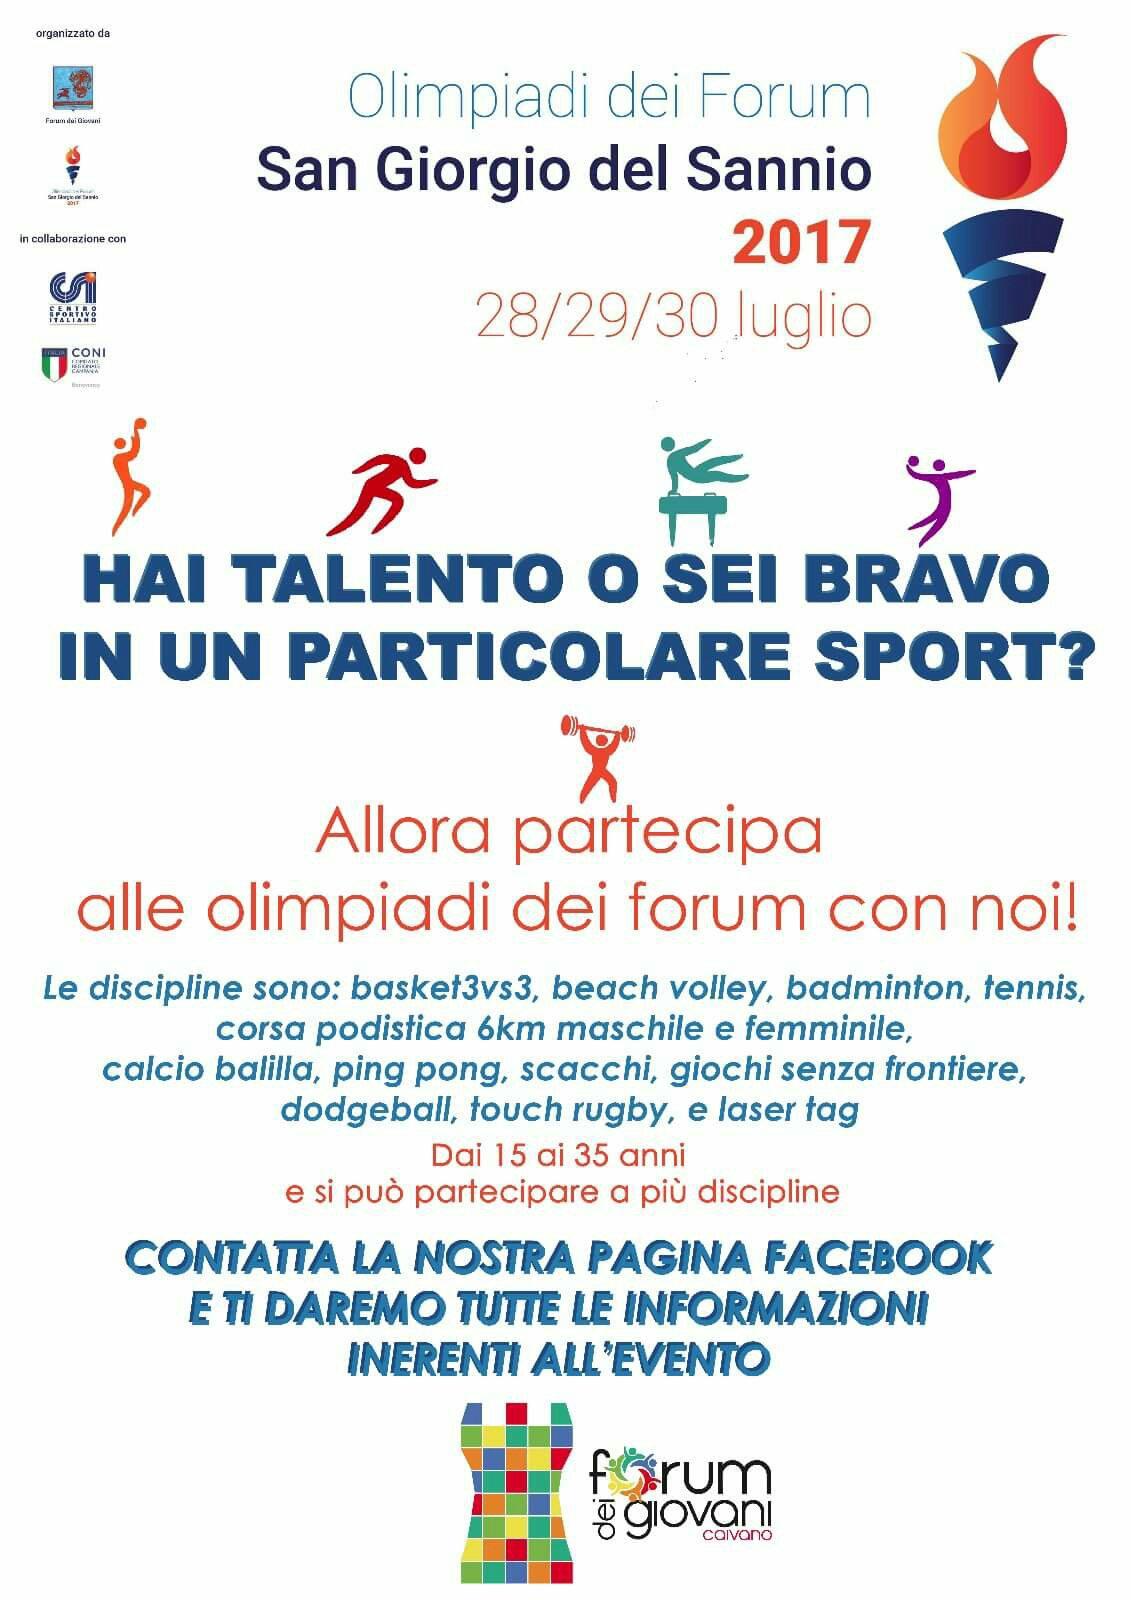 olimpiadi del forum